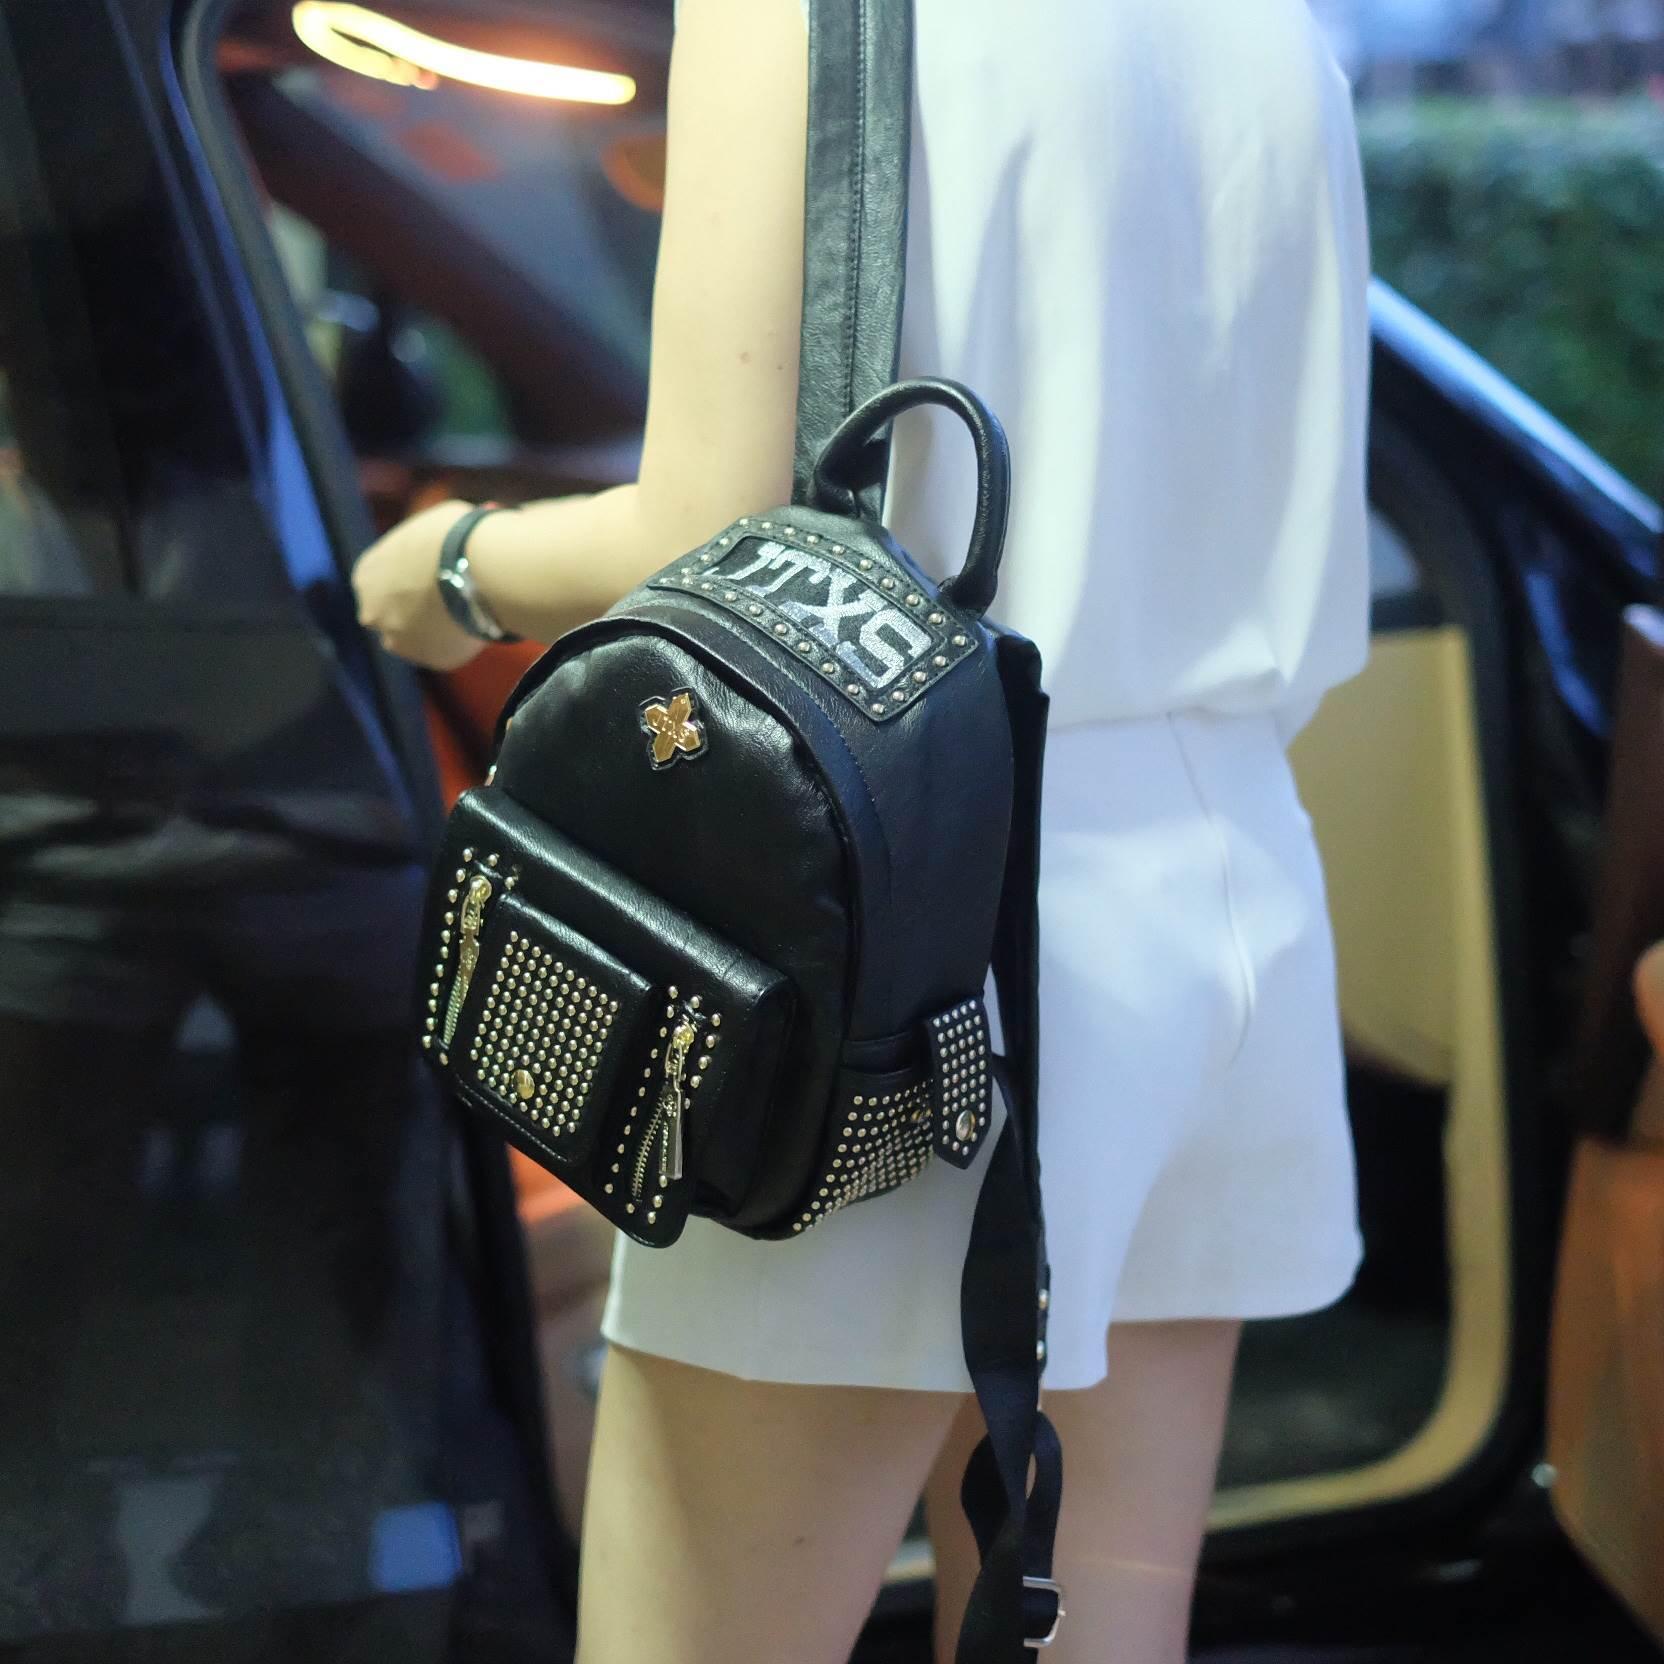 JTXS Limited Edition รุ่นพิเศษ #ไฮไลท์เลยค่ะใบนี้